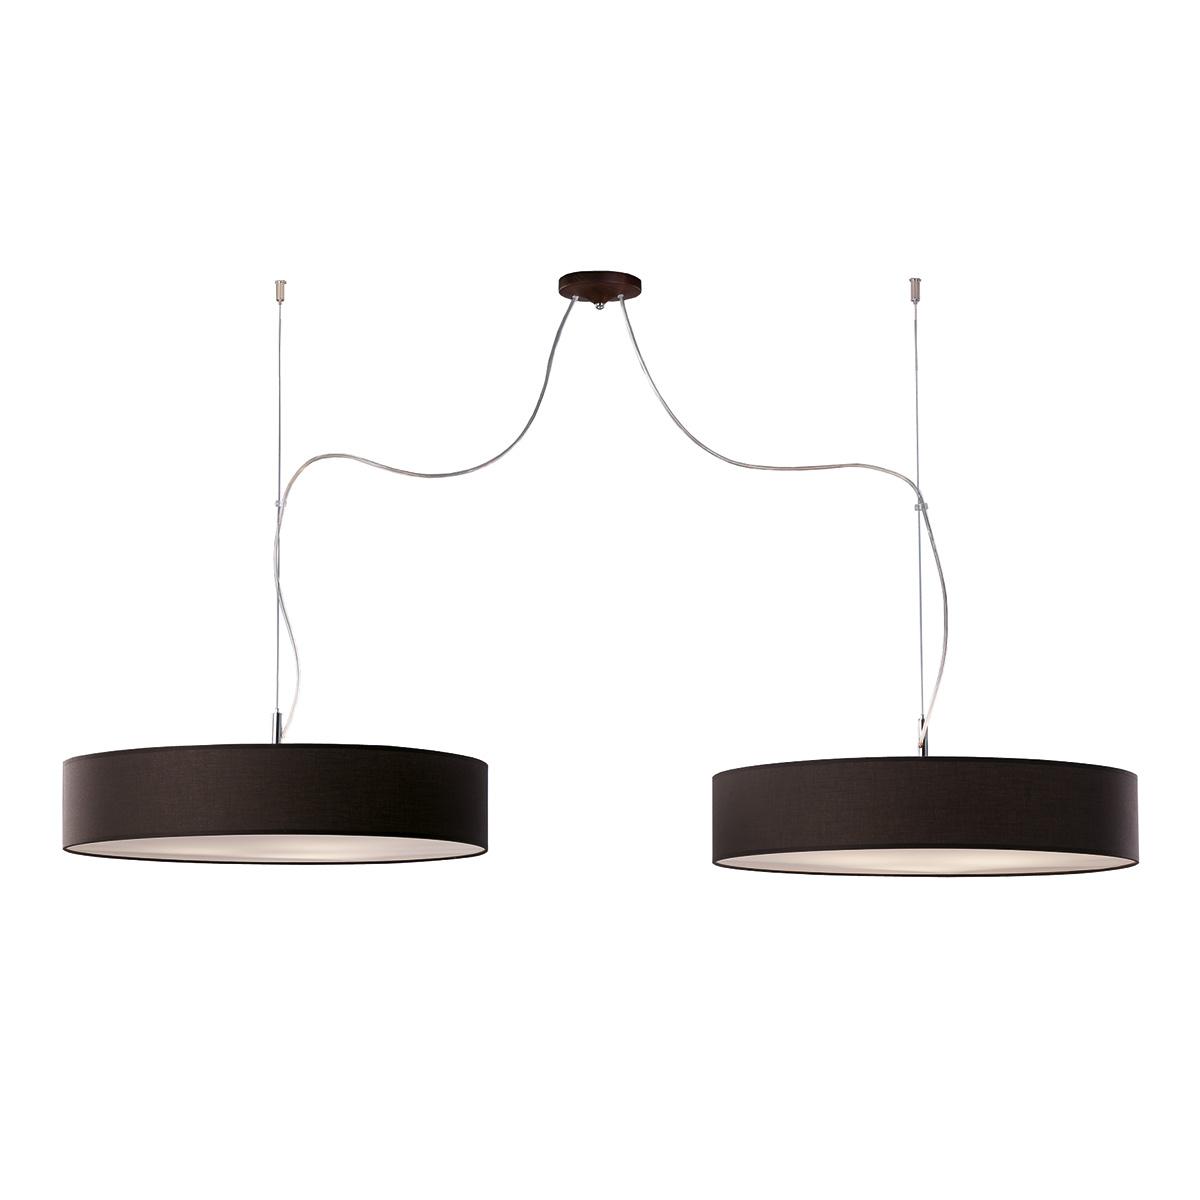 Δίφωτο ανθρακί κρεμαστό φωτιστικό DISCO ZEN dark grey hanging lamp